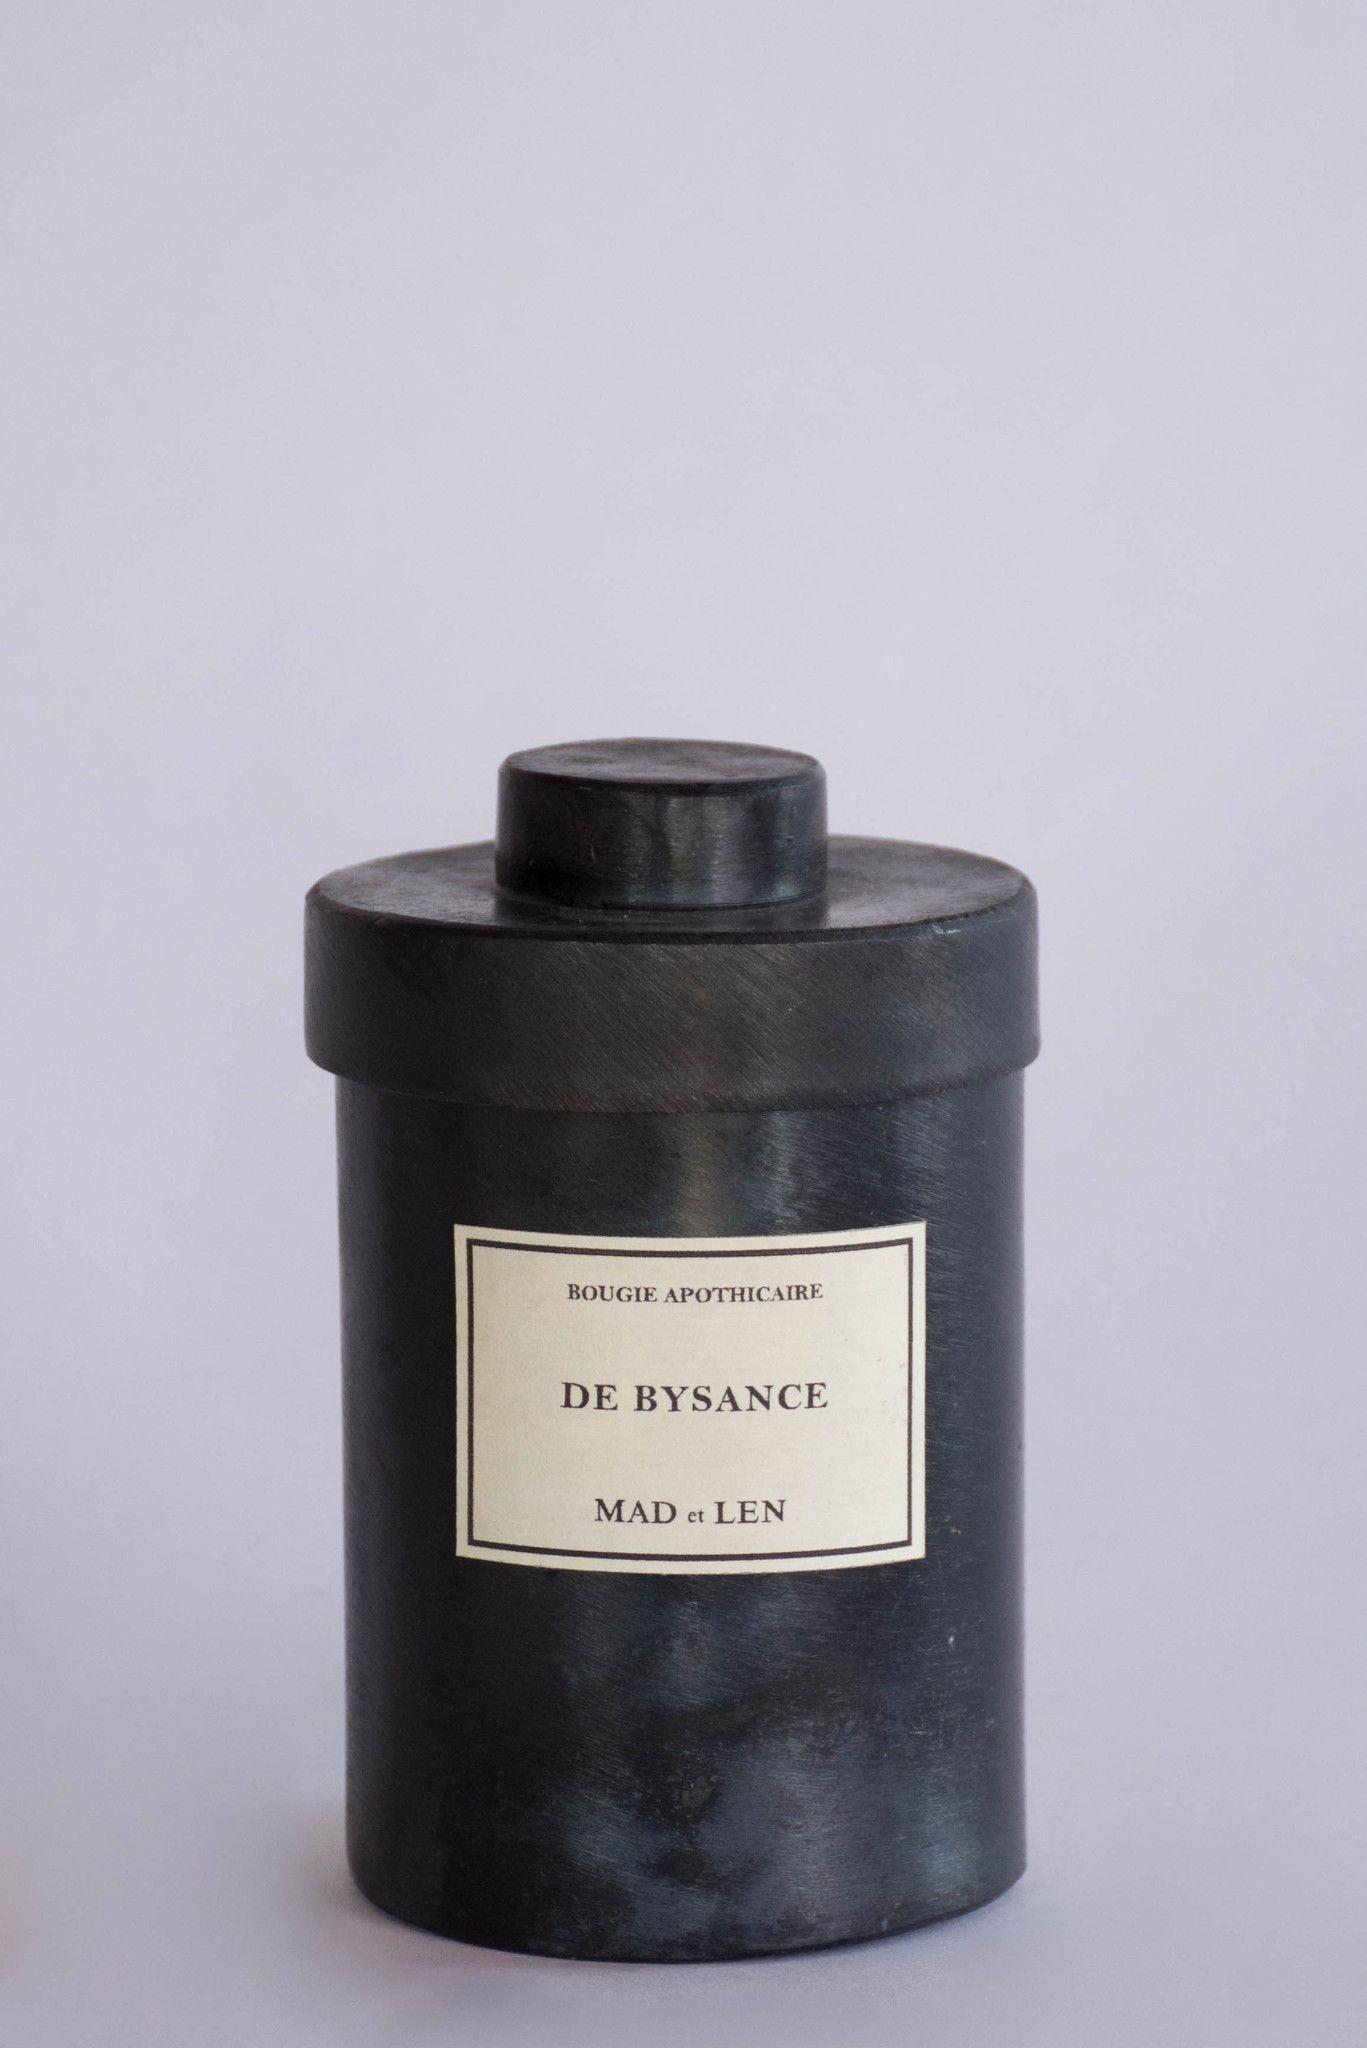 Mad et Len Candle in De Bysance